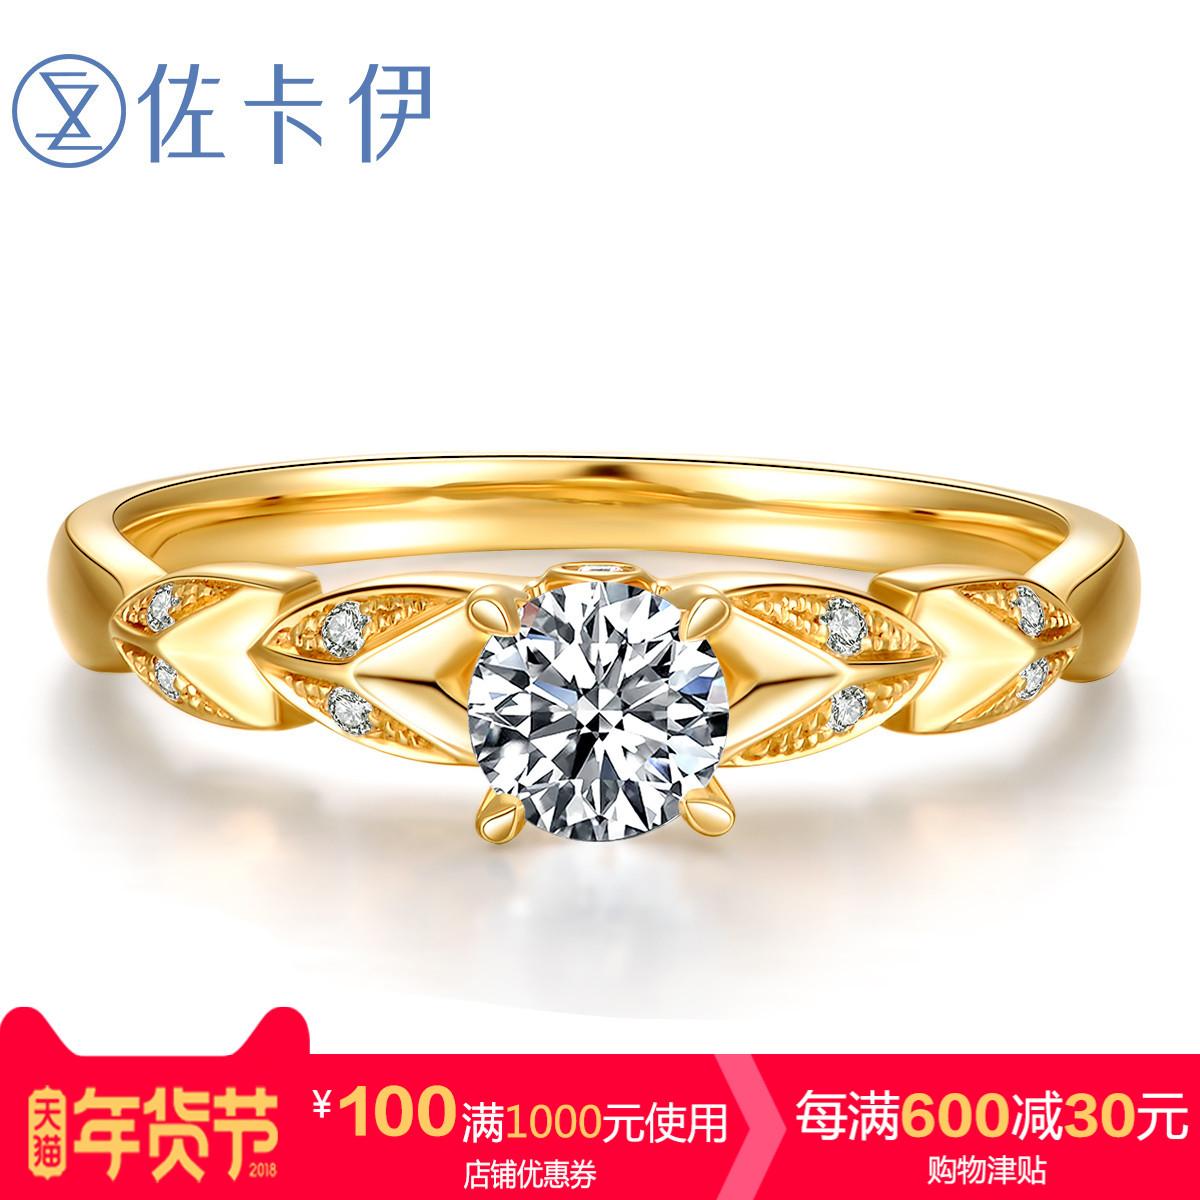 佐卡伊18k金钻戒四爪钻石求婚结婚戒指女珠宝首饰正品 麦穗系列